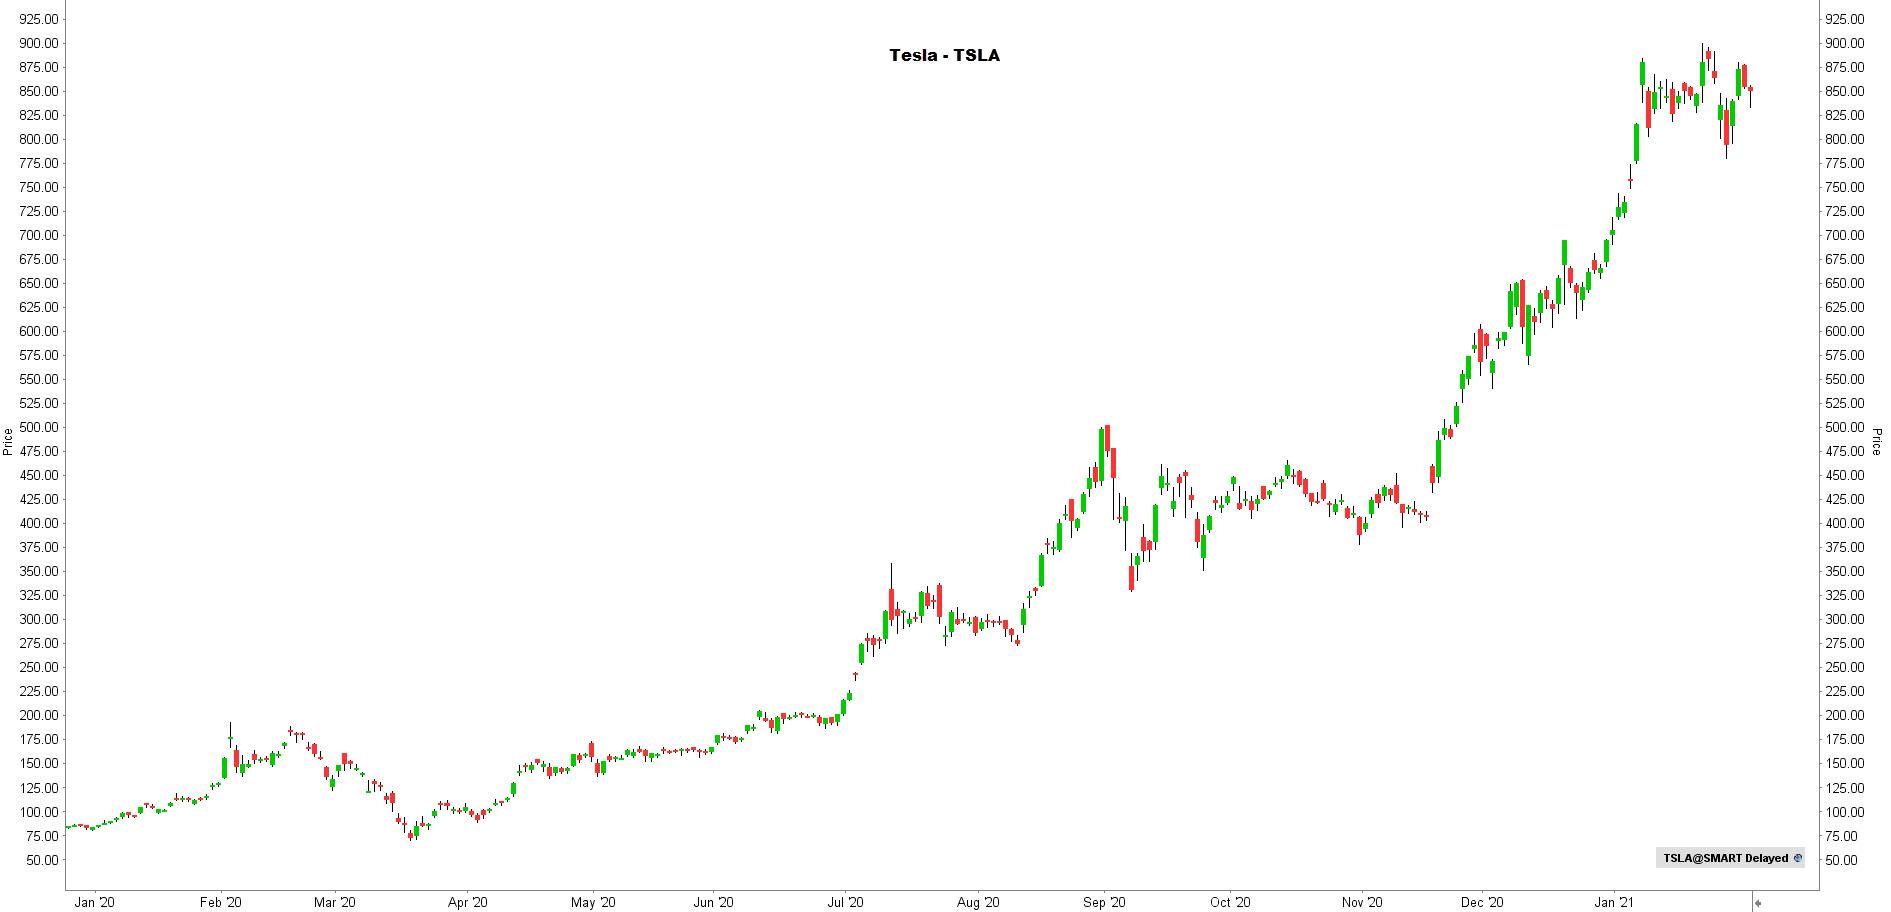 la chronique lynx broker 050221 - graphique Tesla